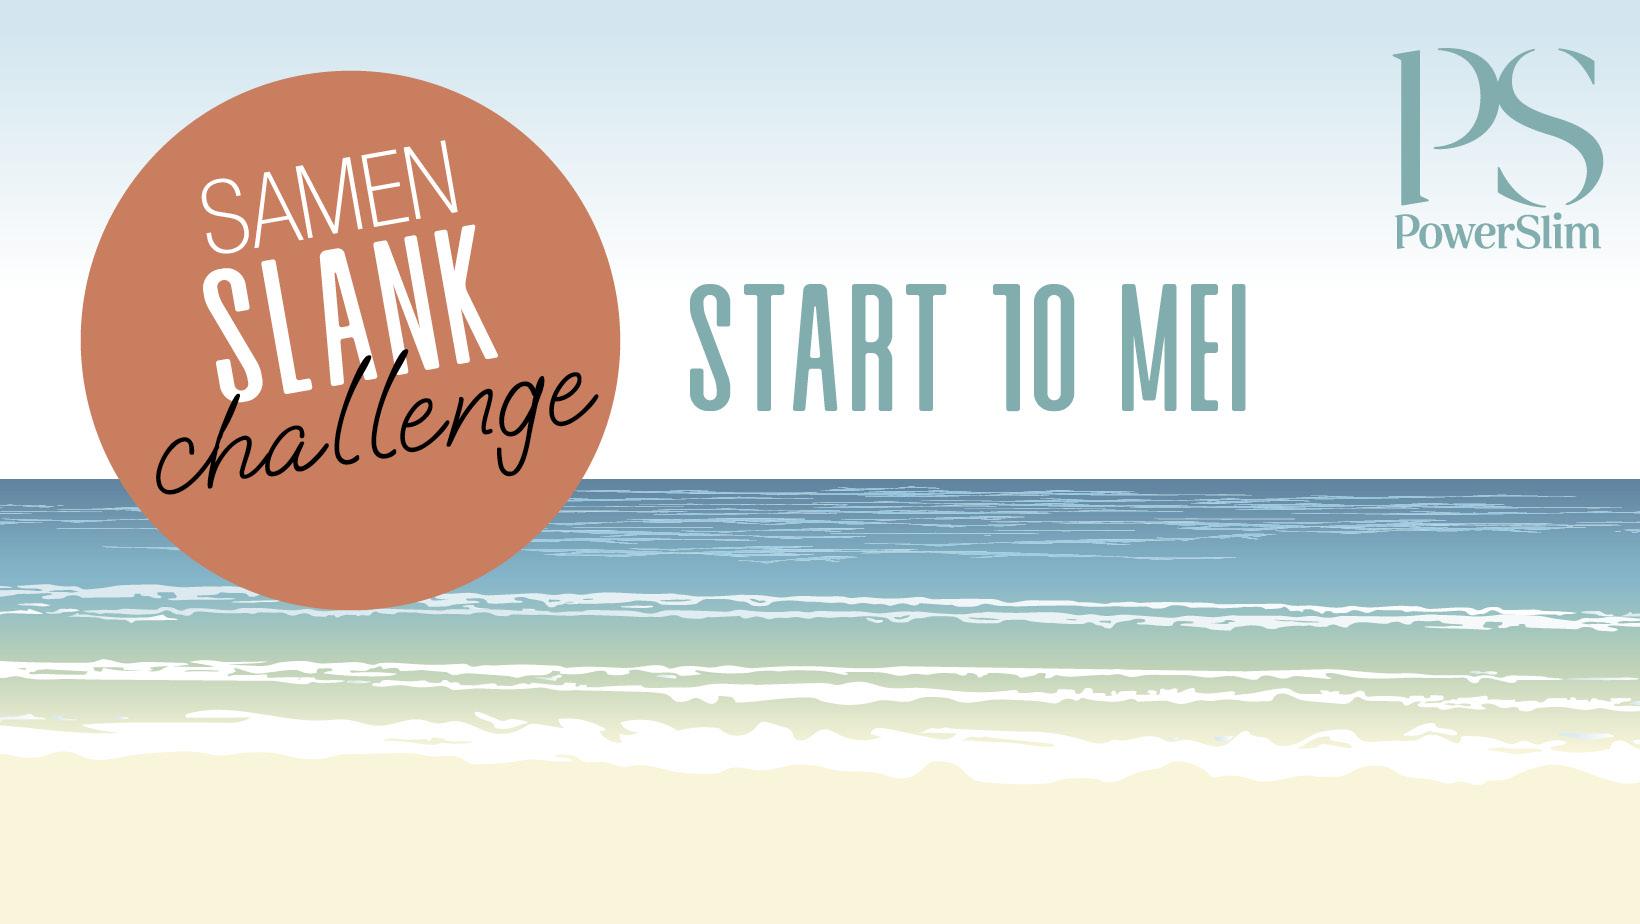 Facebookomslag_Samen slank challenge_Start